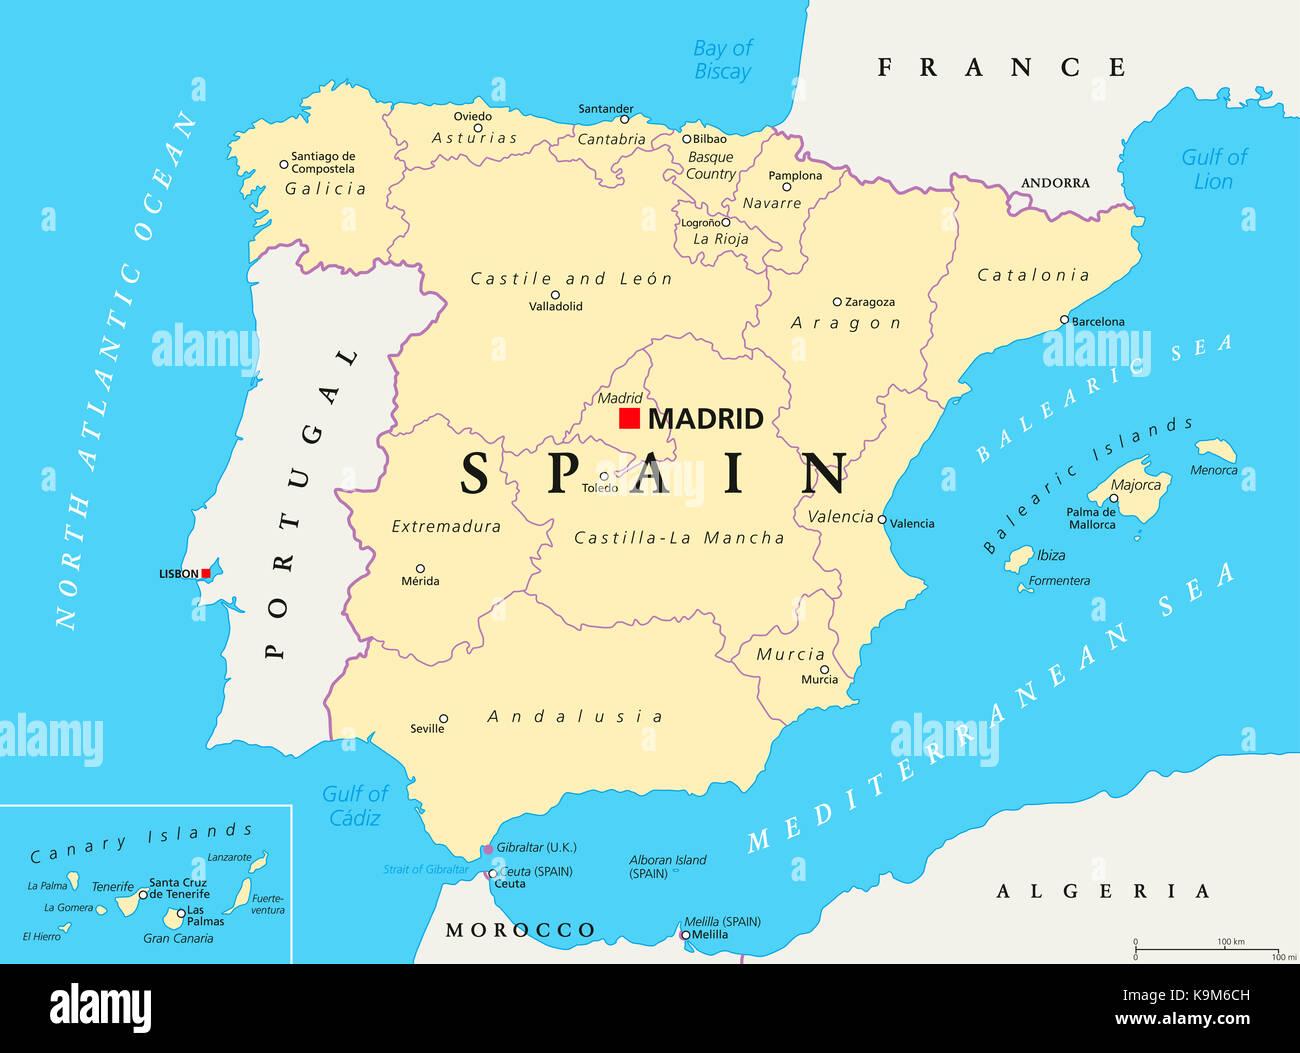 Autonome Regionen Spanien Karte.Spanien Verwaltungsgebiete Politische Karte Autonome